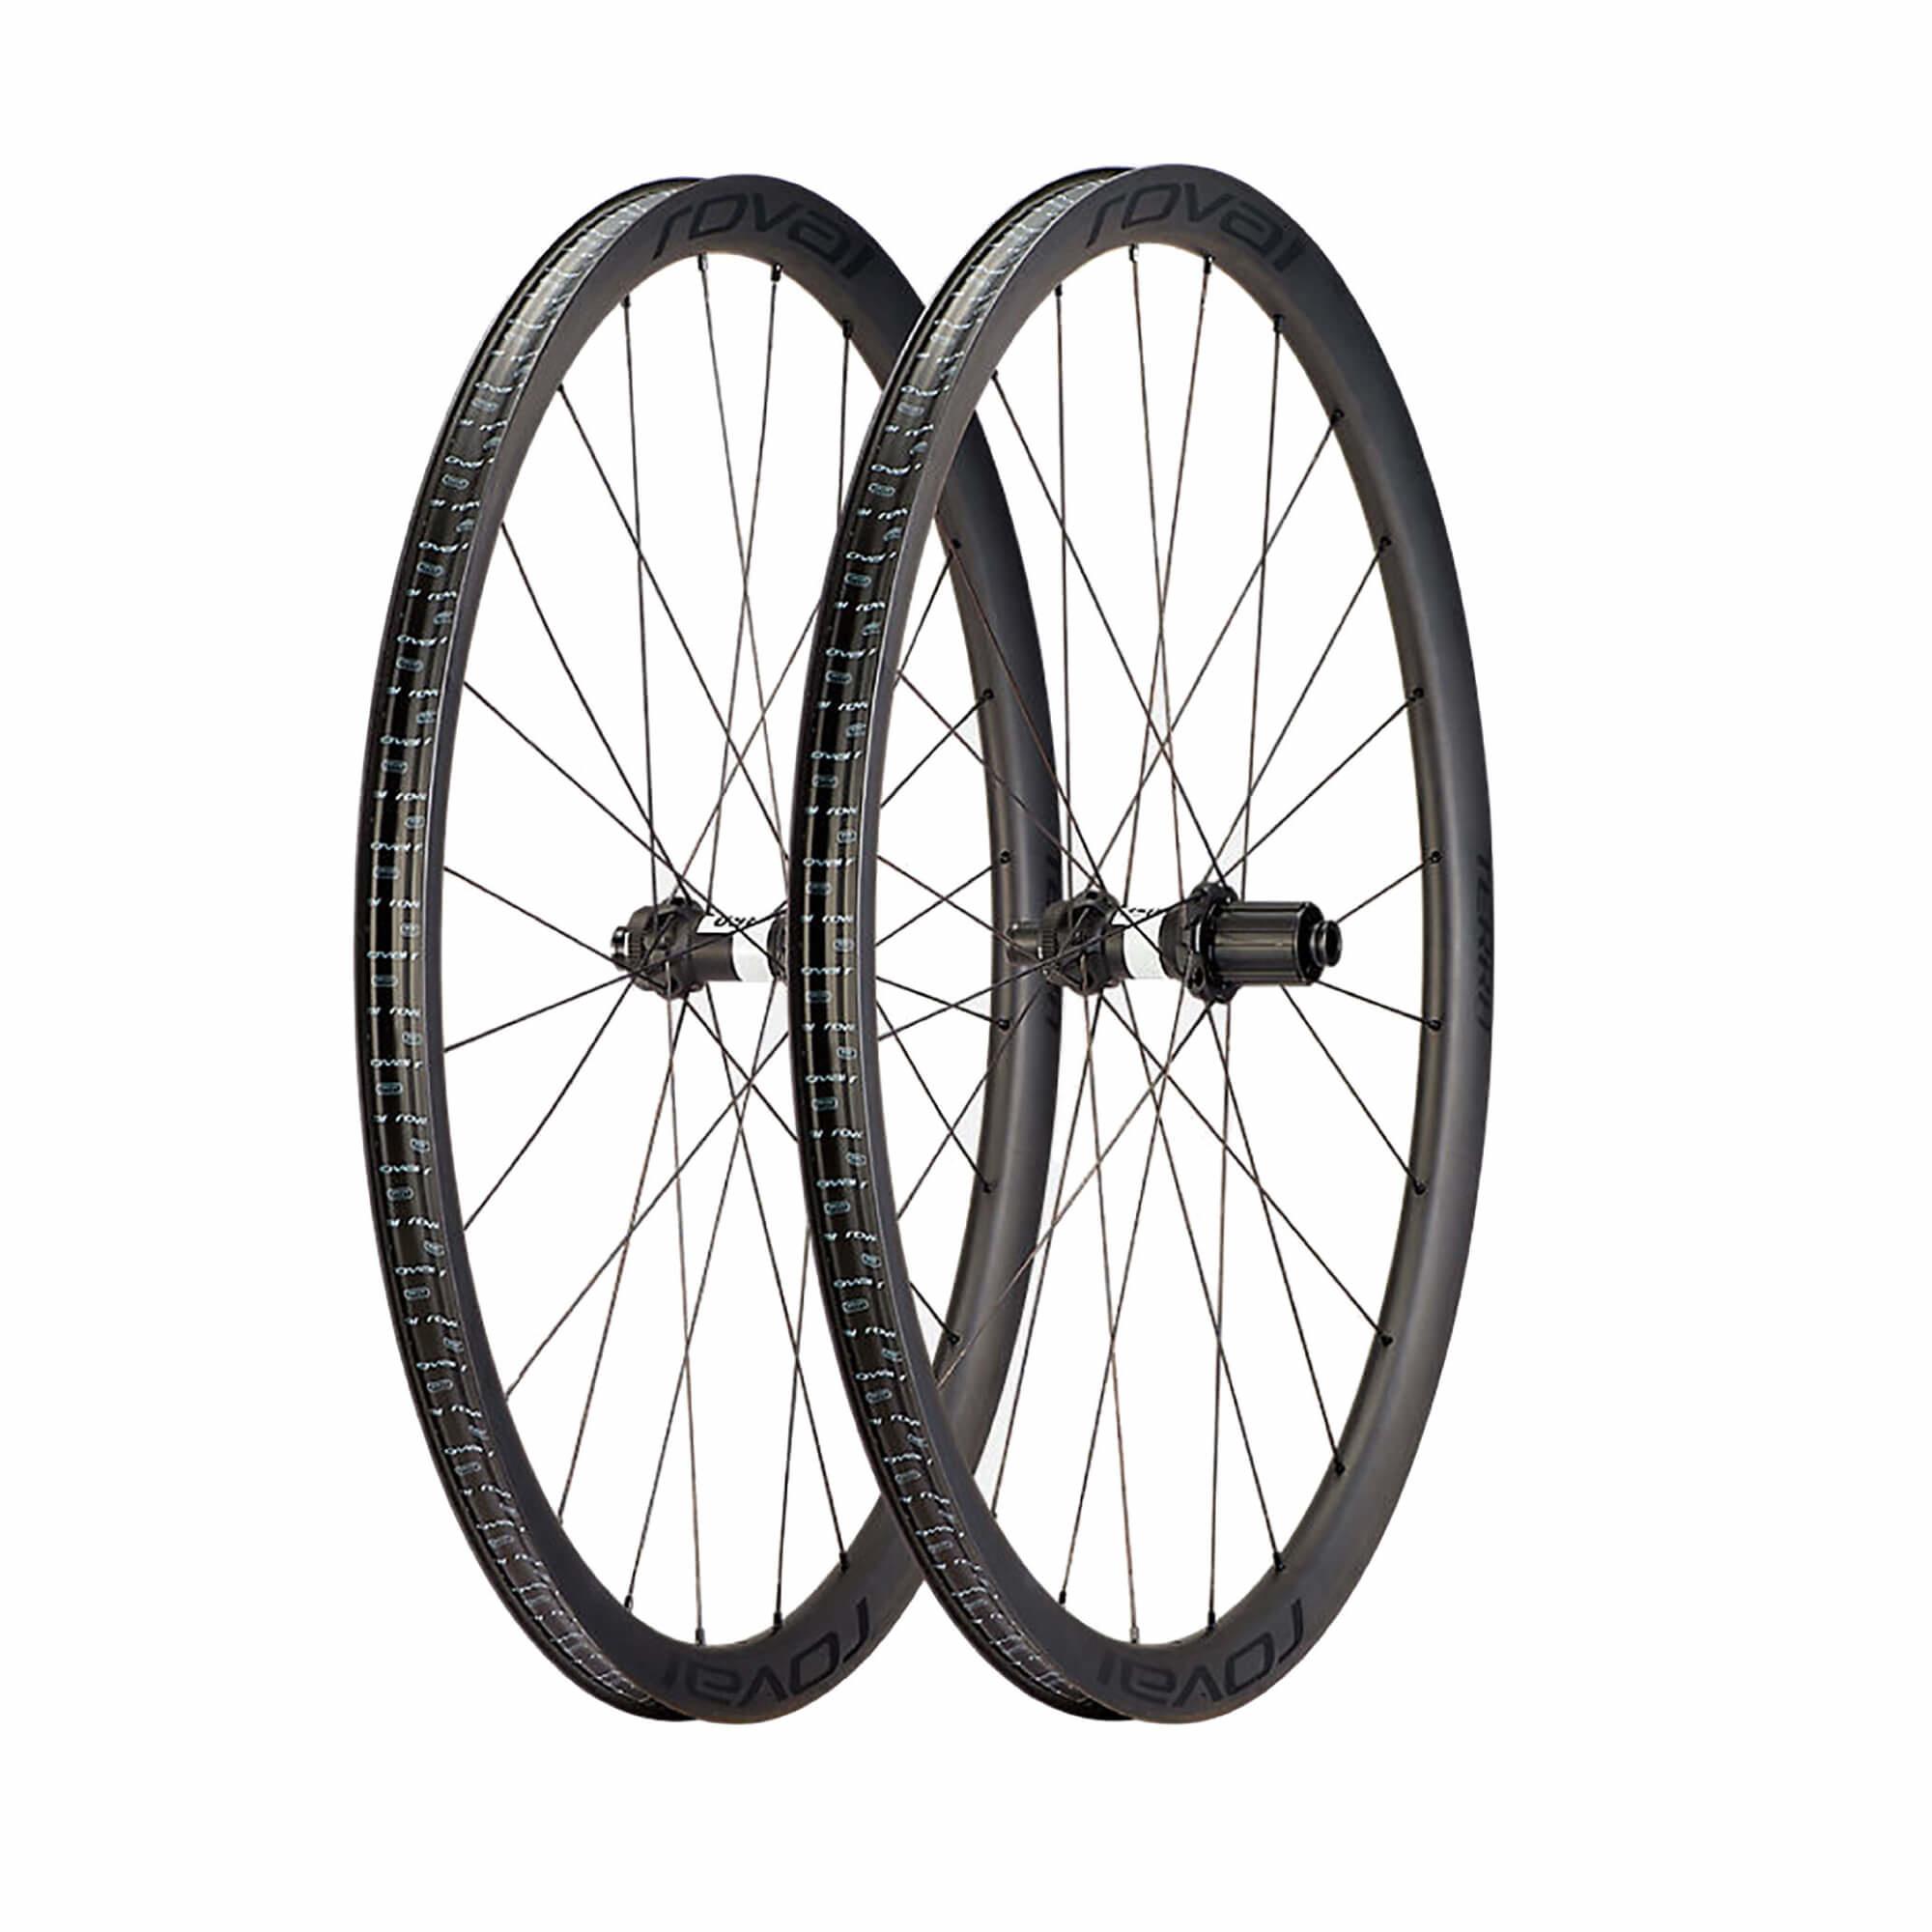 Roval CL Terra Wheelset DT 350 J bend spoke-1